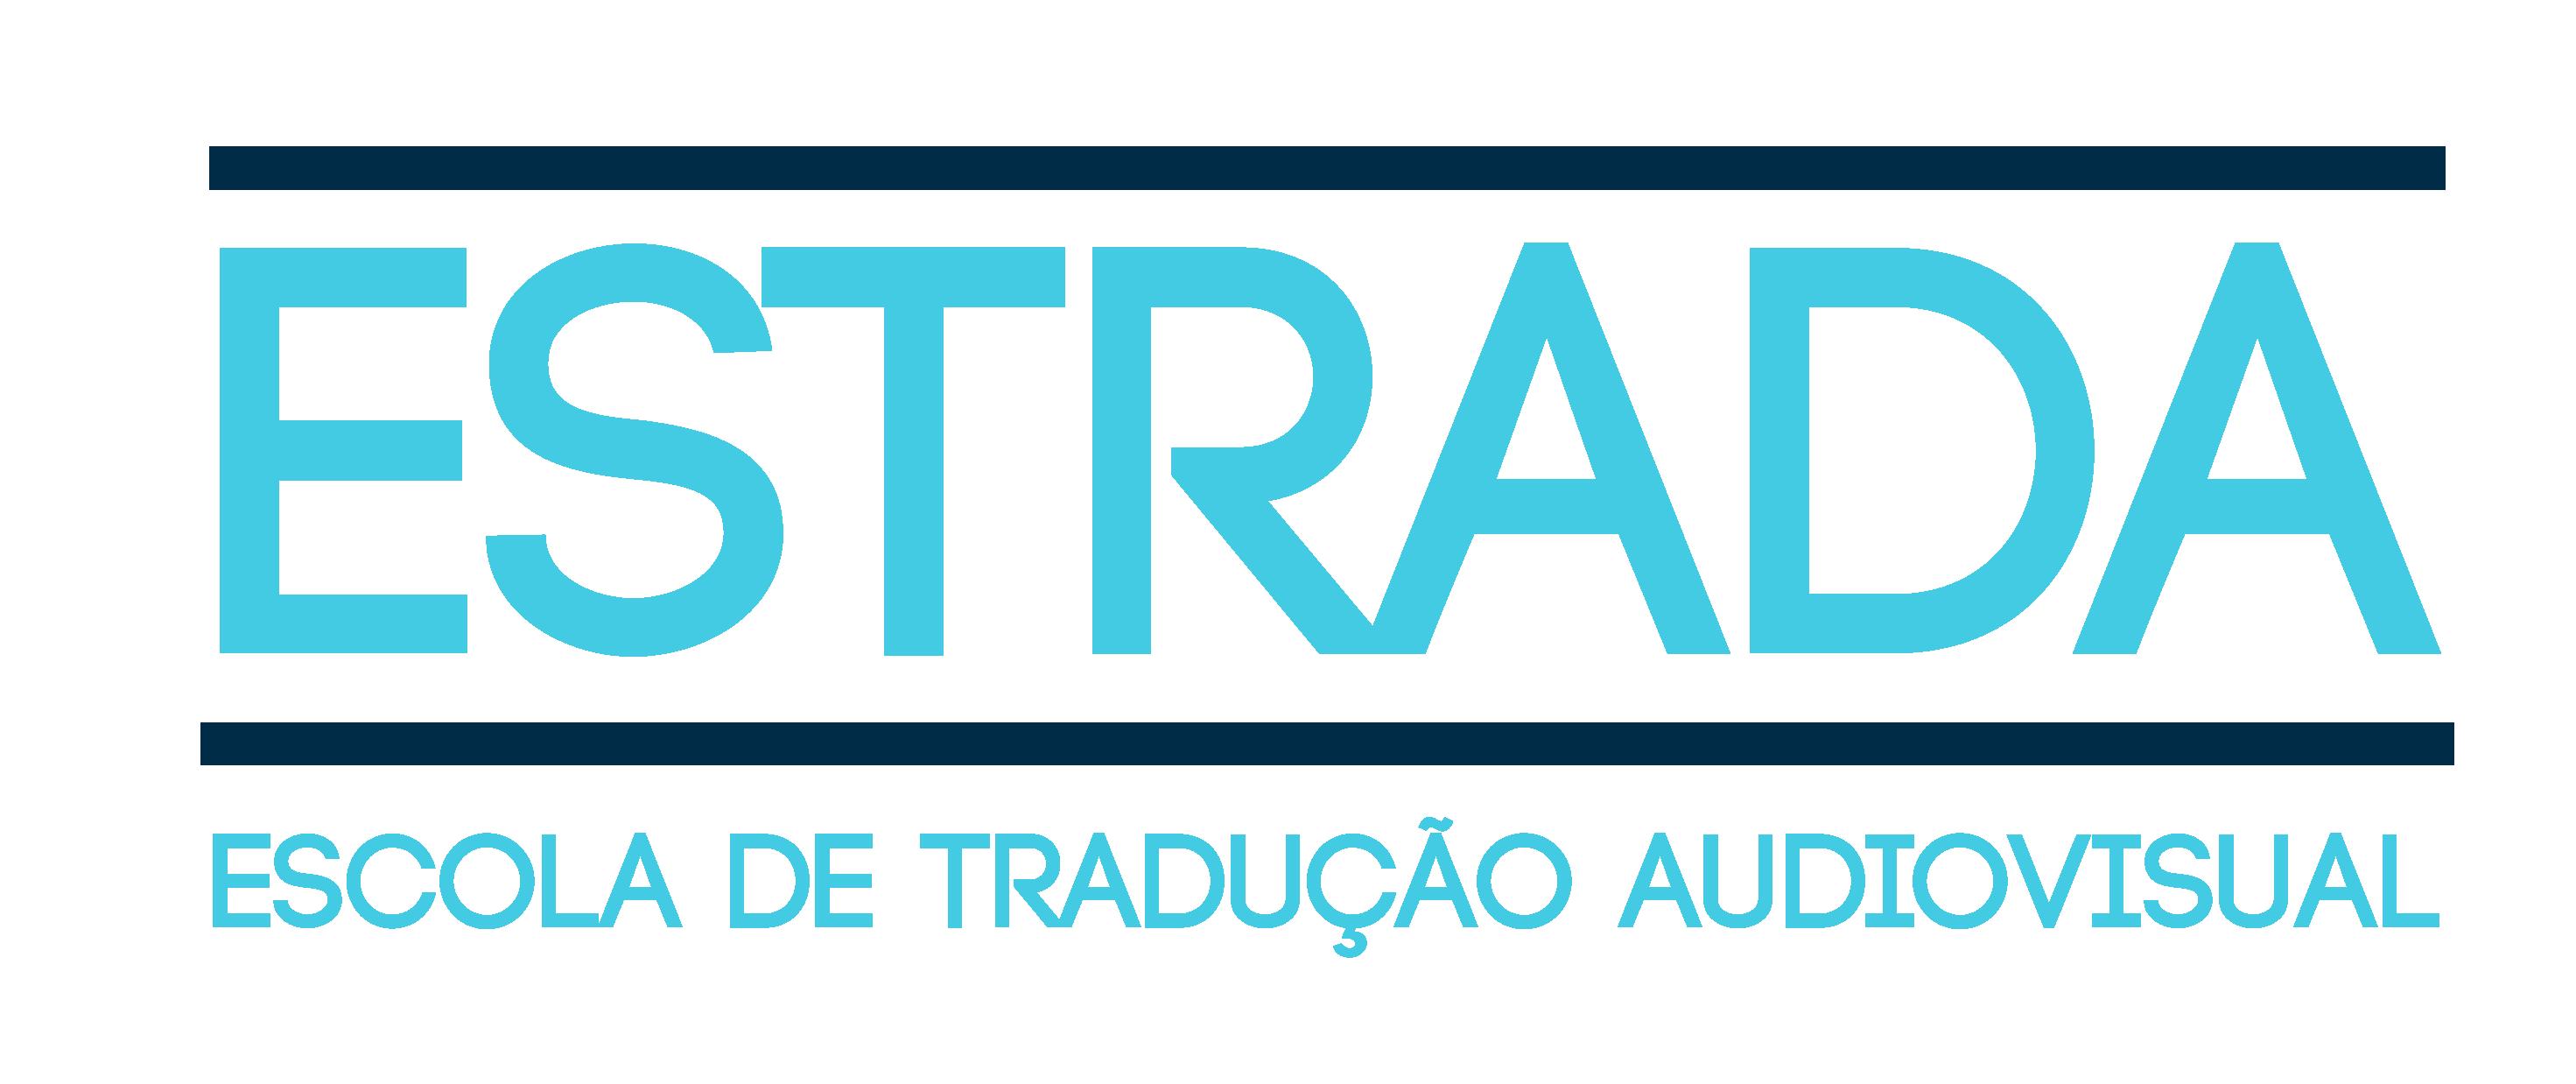 ESTRADA - Escola de Tradução Audiovisual